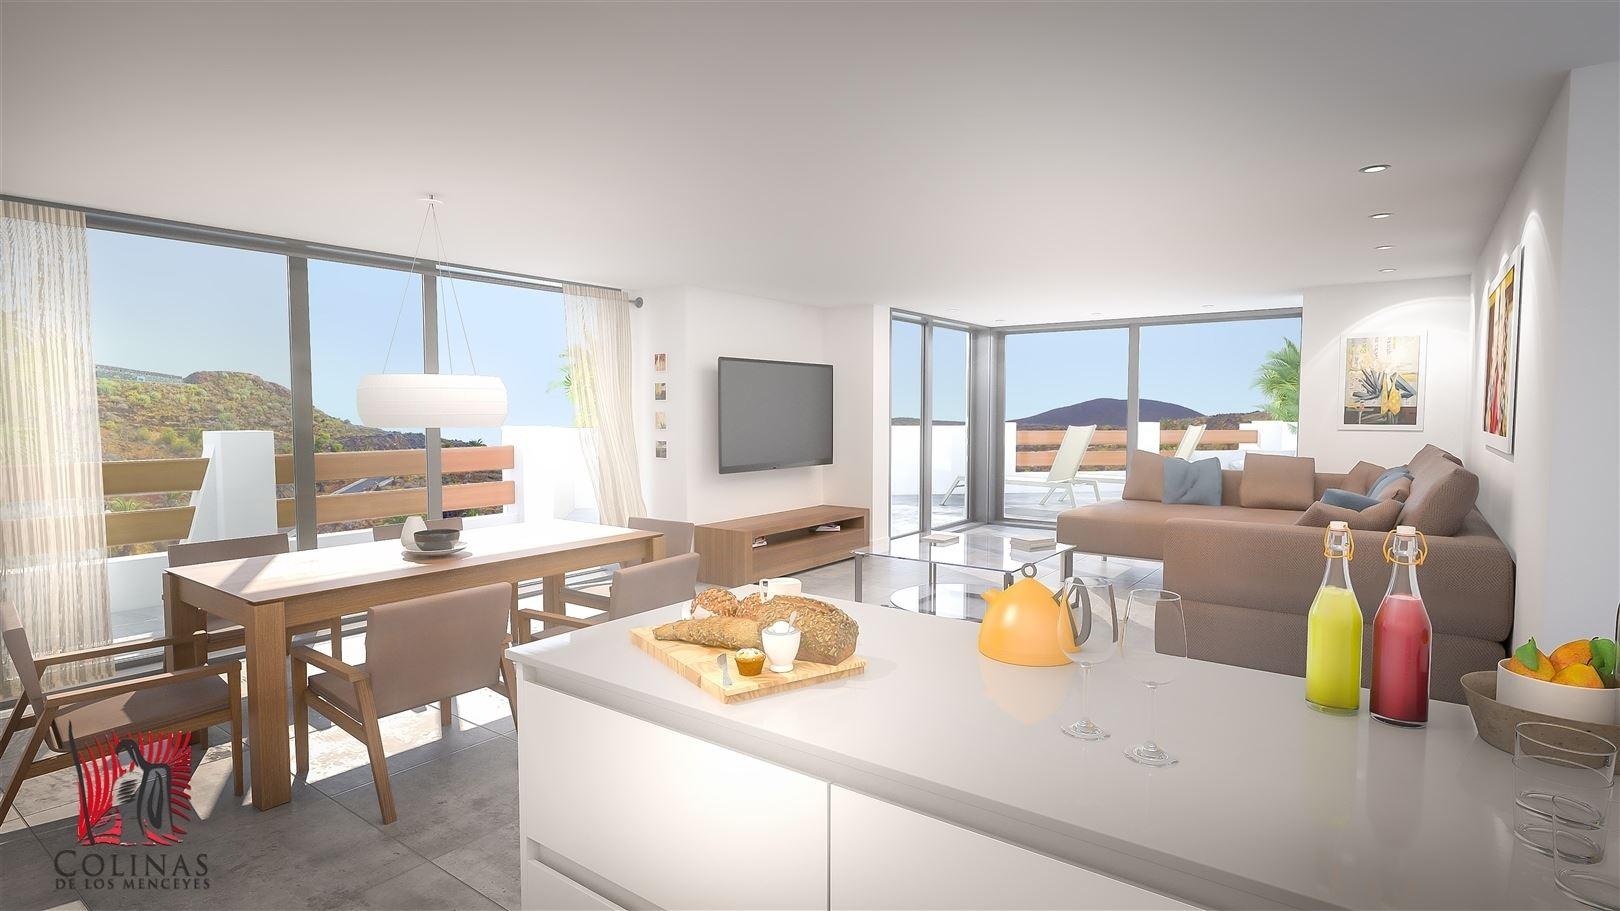 Foto 6 : Appartement te 38632 PALM MAR (Spanje) - Prijs Prijs op aanvraag